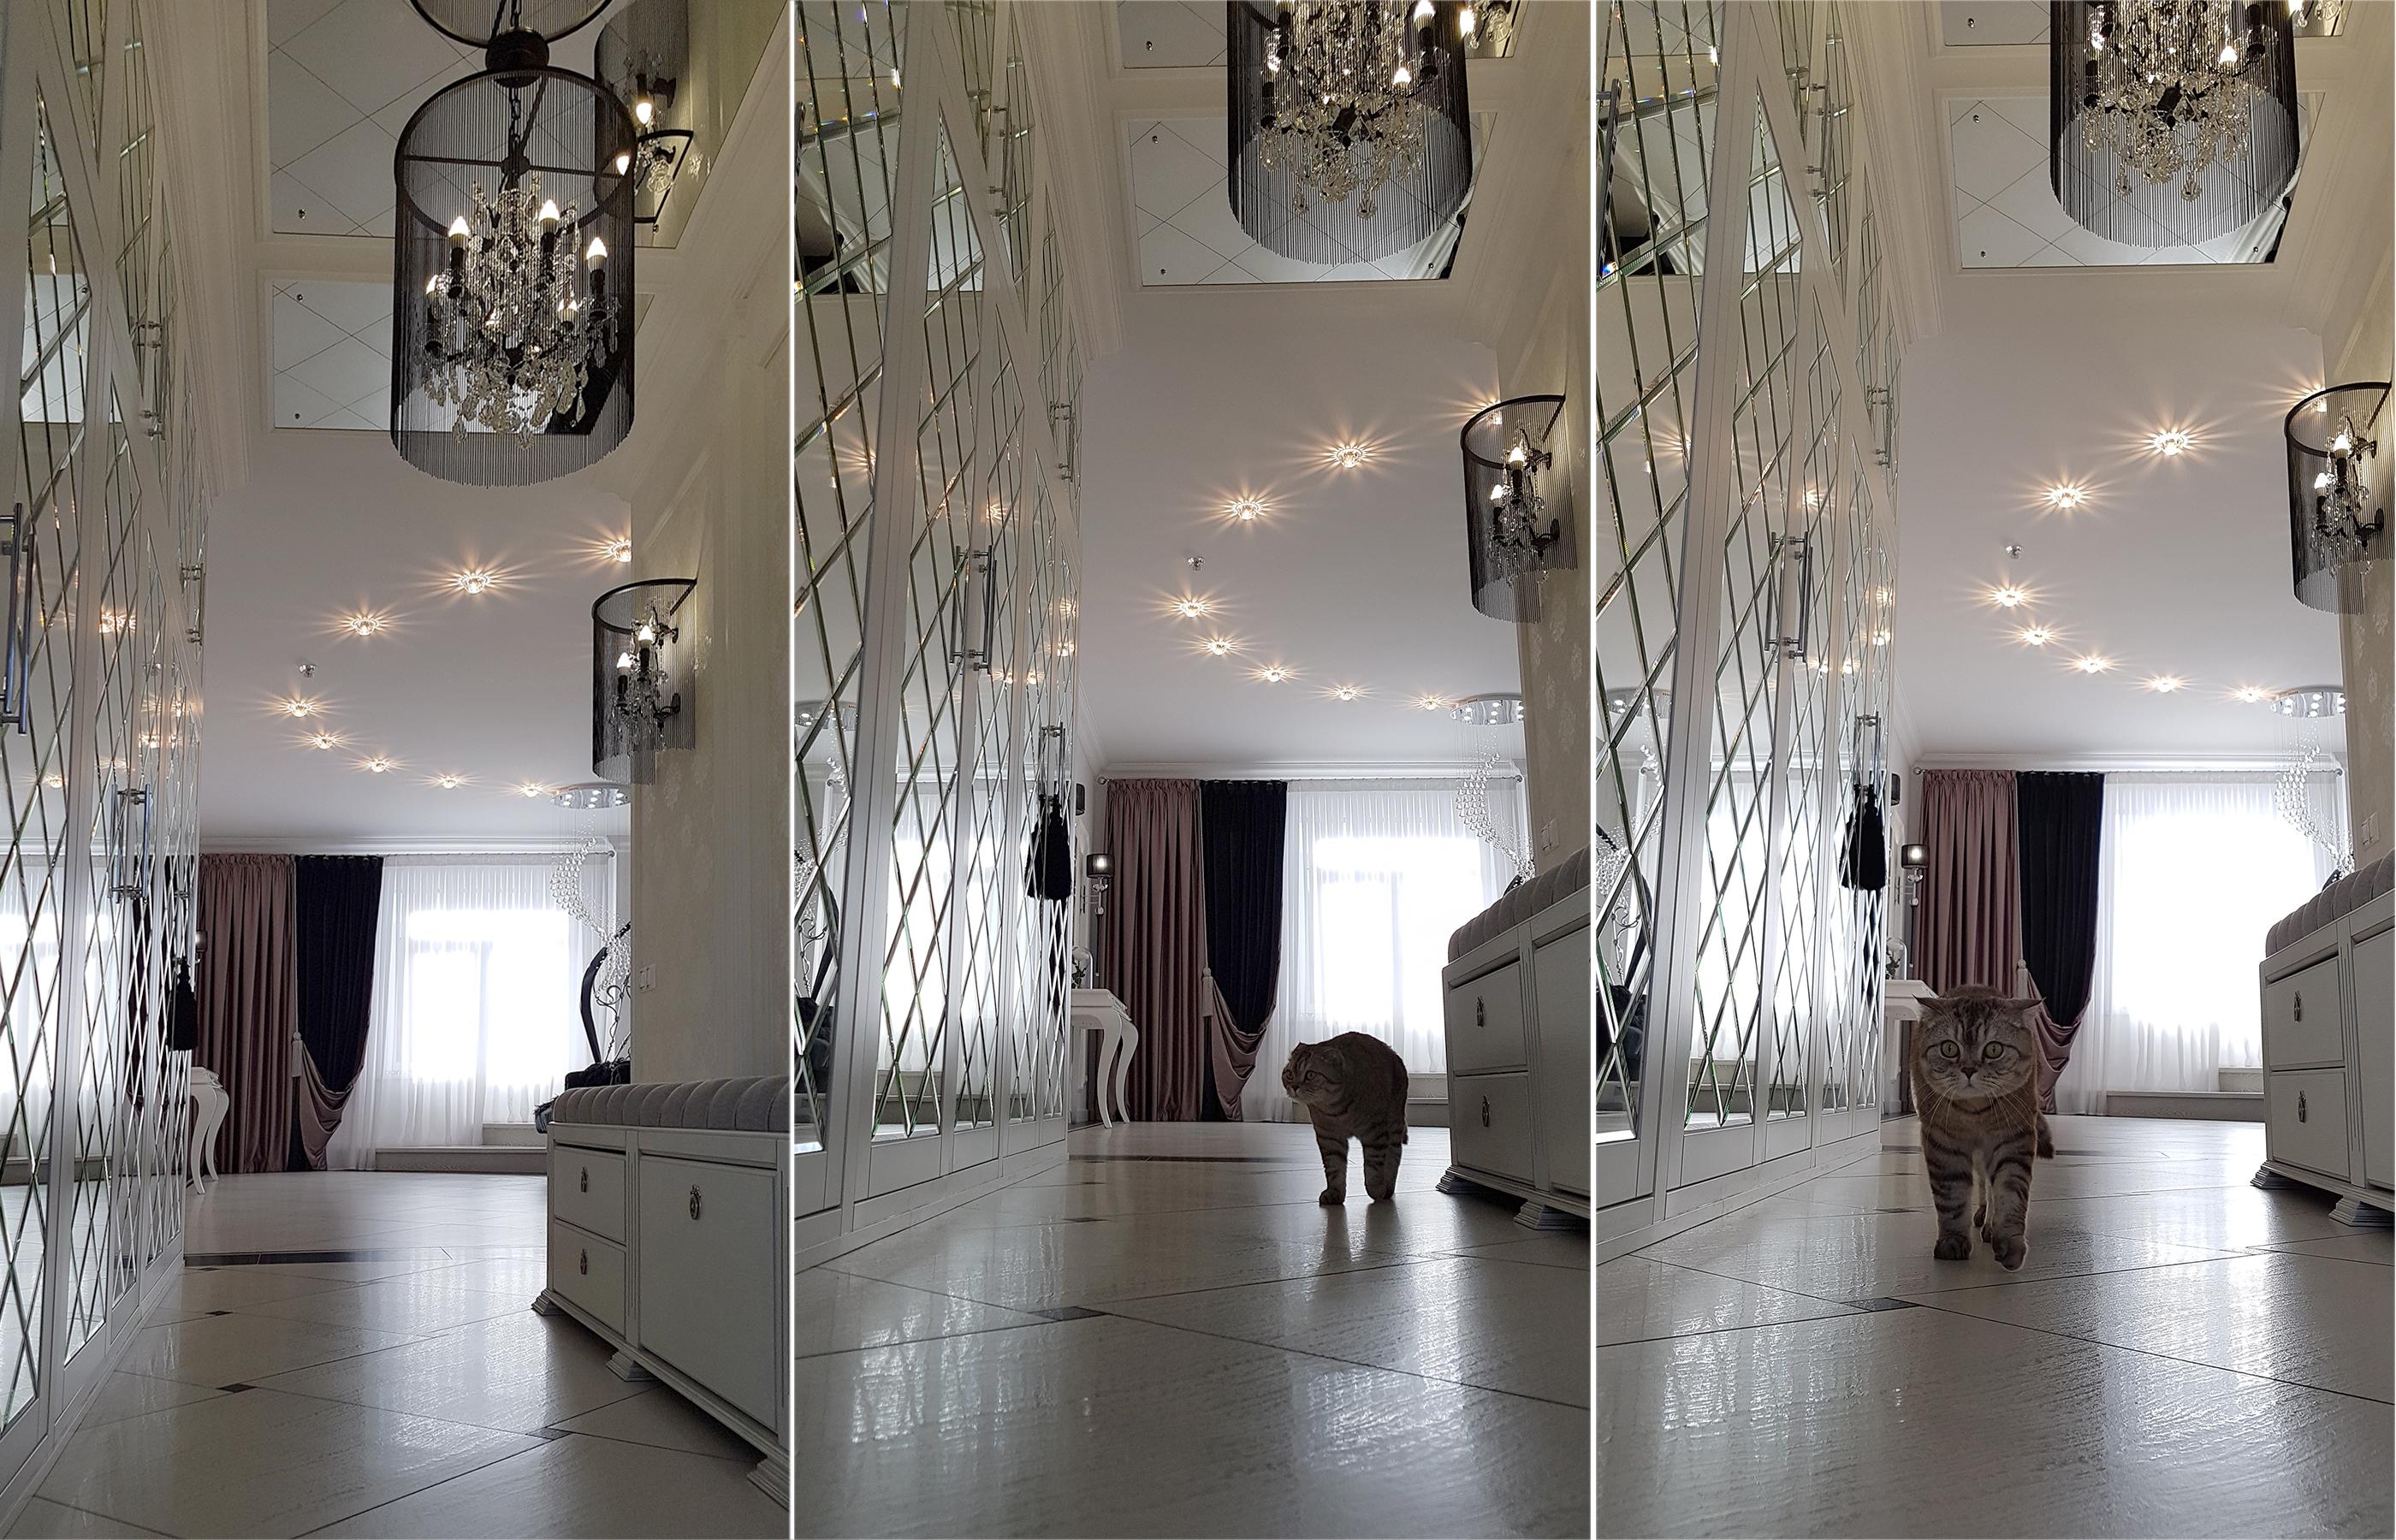 Зеркальные дверцы шкафа в прихожей позволяют визуально расширить пространство этого неширокого помещения